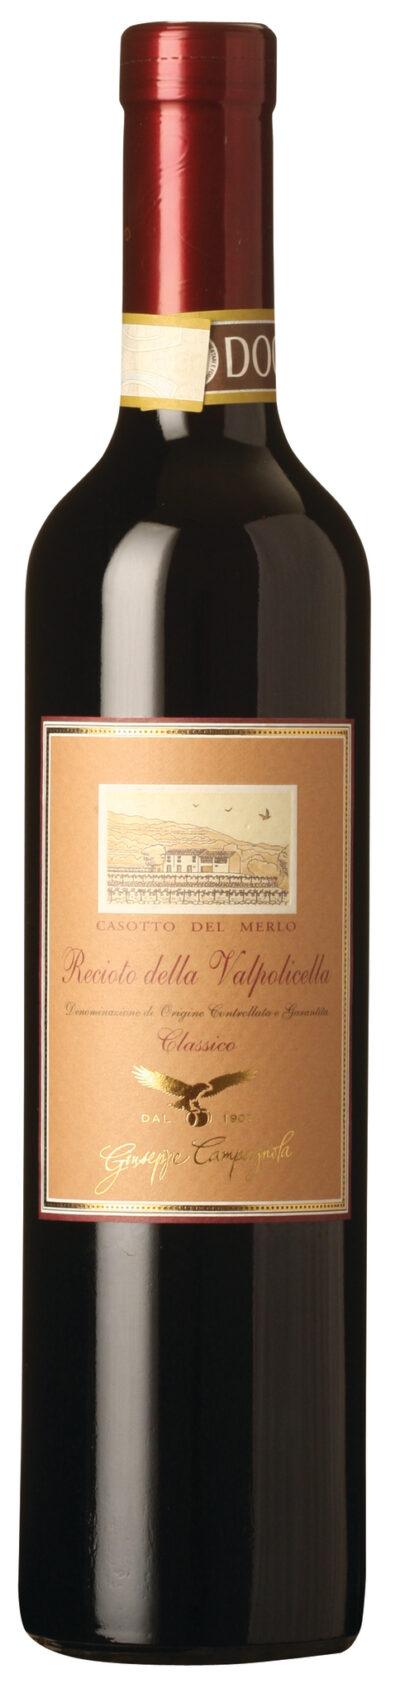 Campagnola Recioto Della Valpolicella Classico Casotto Del Merlo